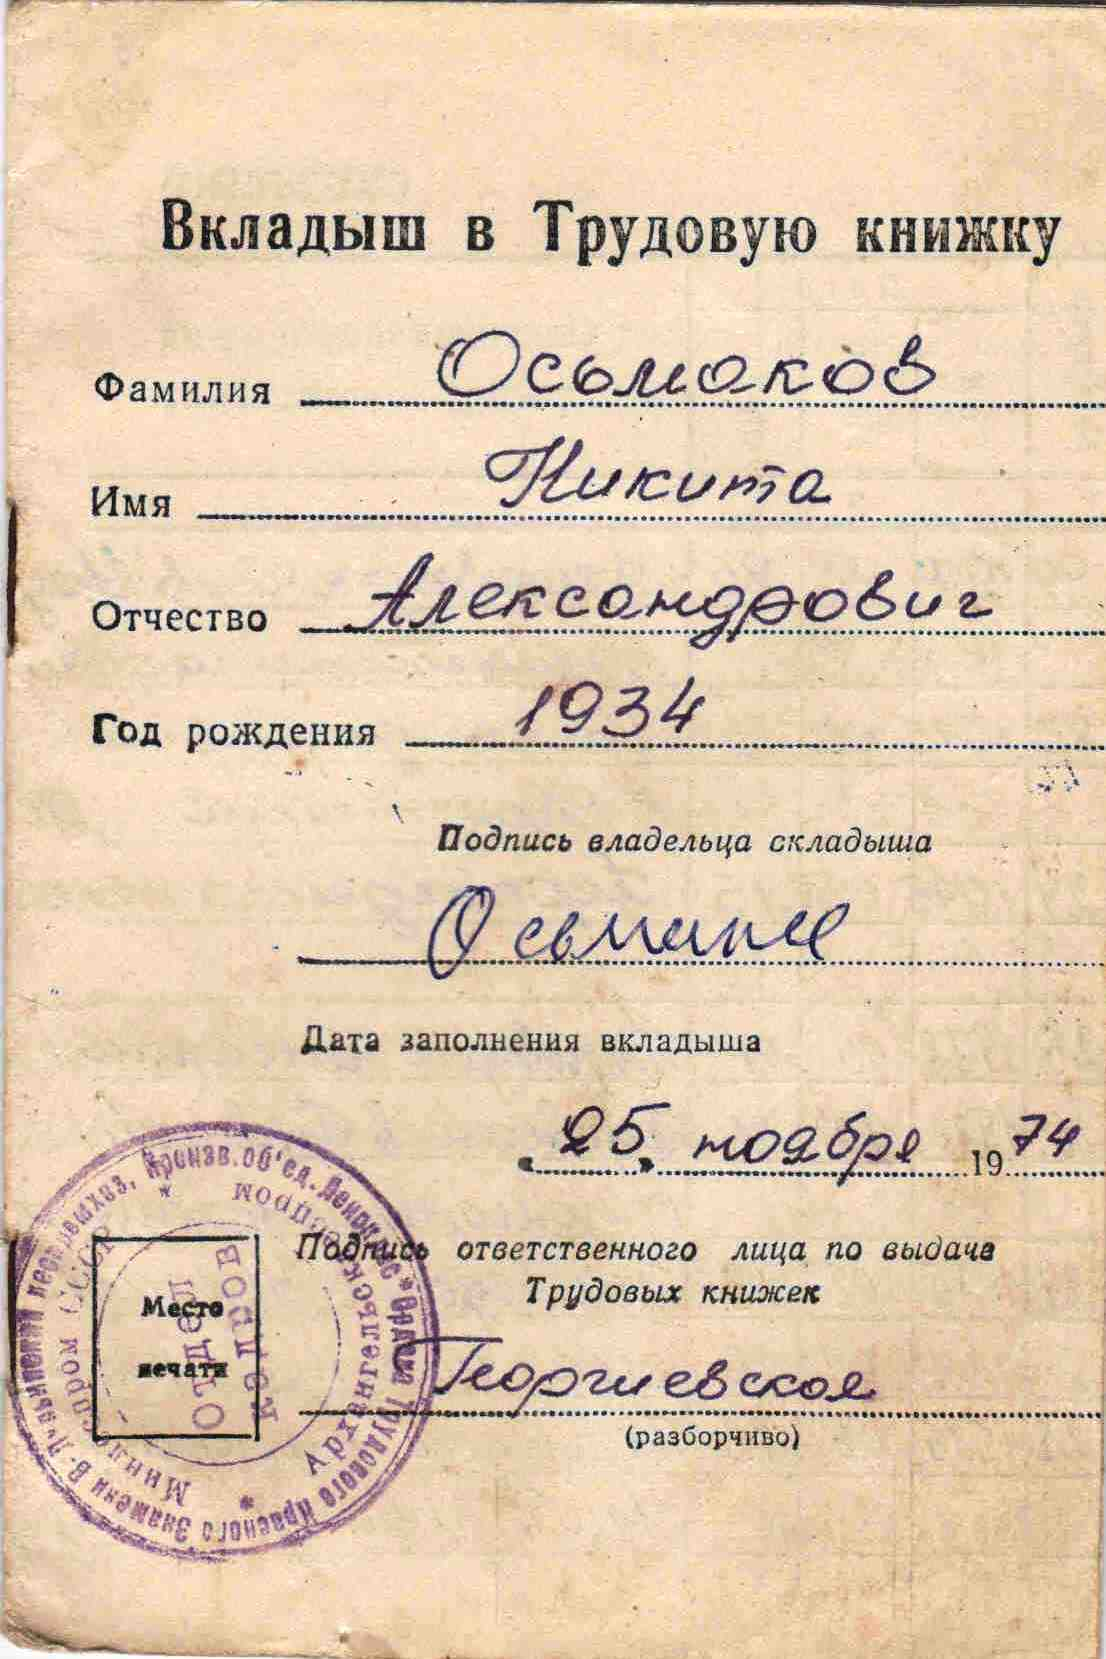 8. Трудовая книжка, 1954г.